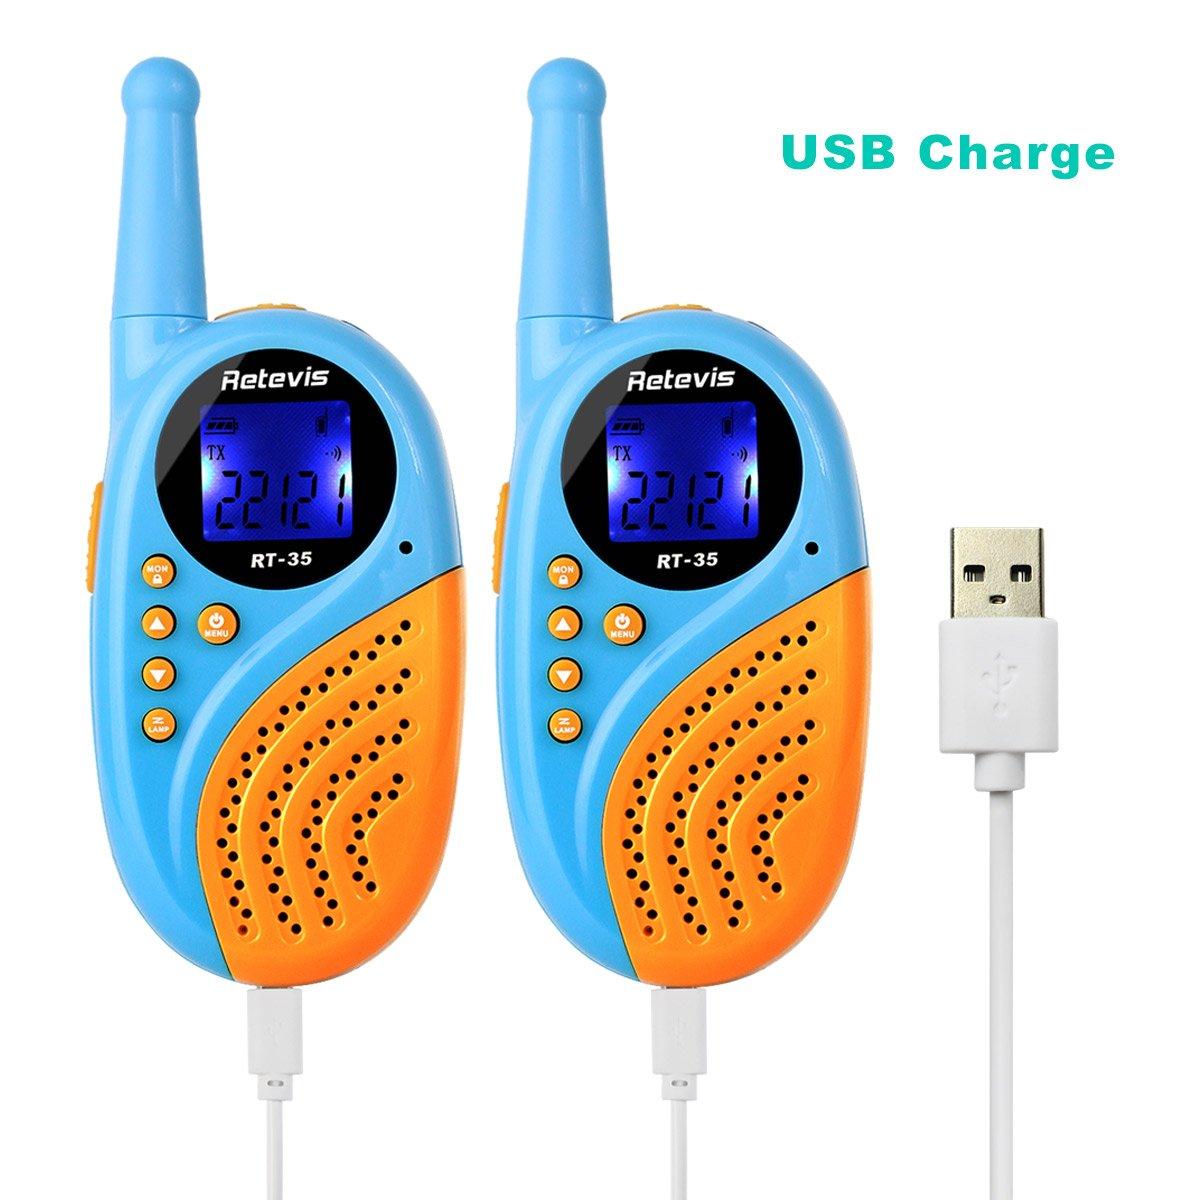 Retevis RT35 Kids Walkie Talkies USB License-Free Digital Alarm Clock 2 Way Radio(Blue, 4 Pack) by Retevis (Image #9)